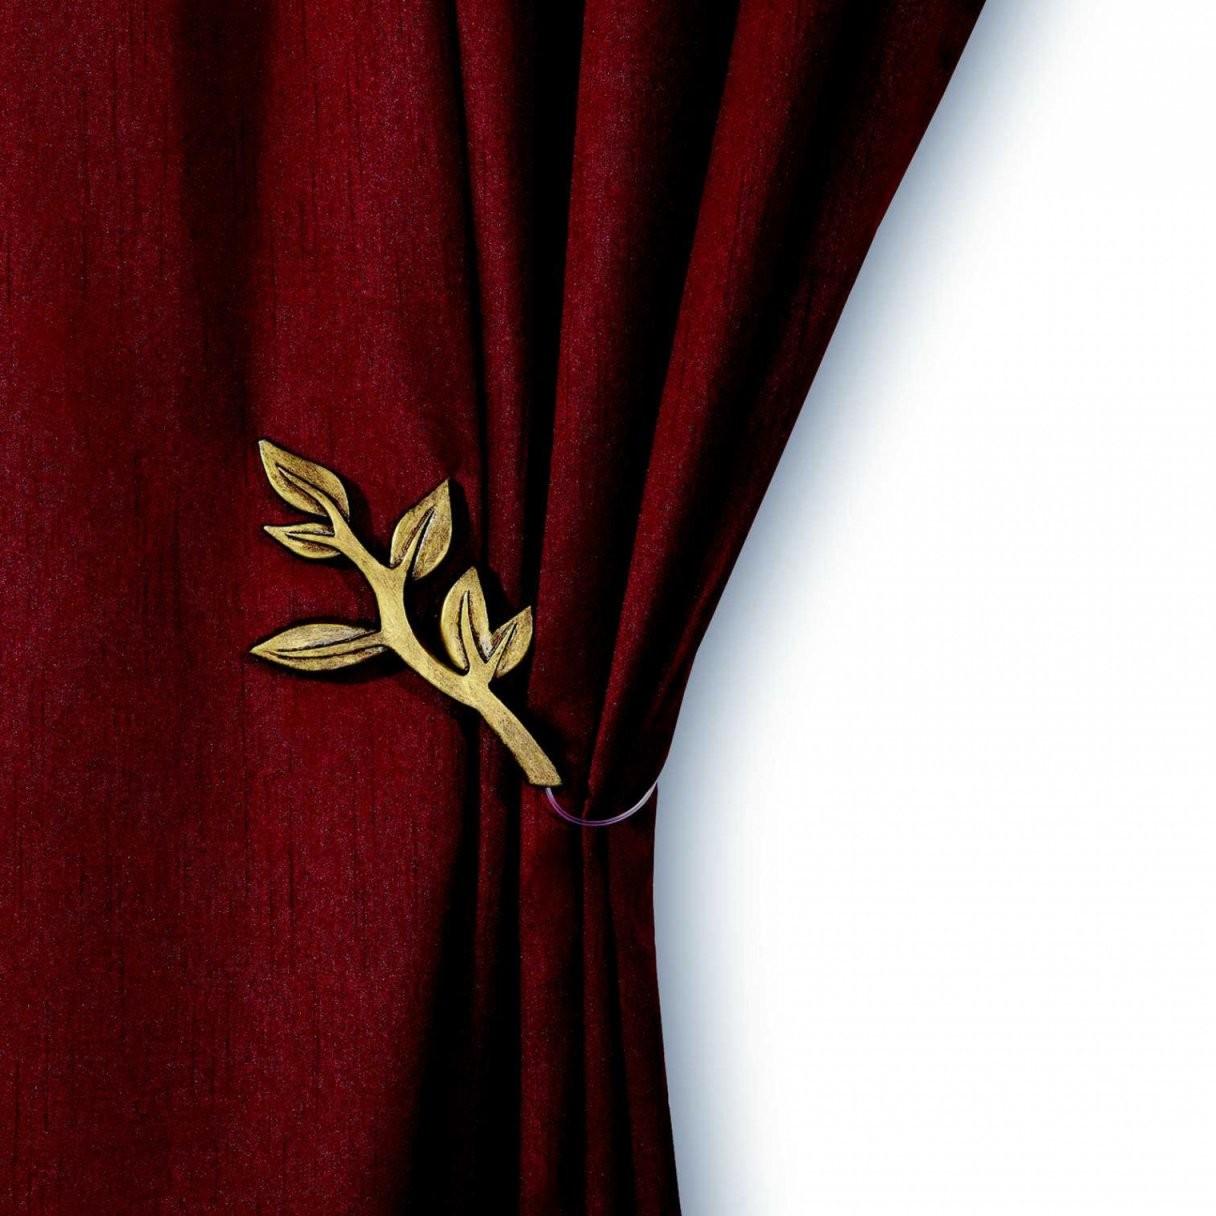 Gardinen Raffhalter Gold – Dekor von Gardinen Raffen Mit Magneten Bild